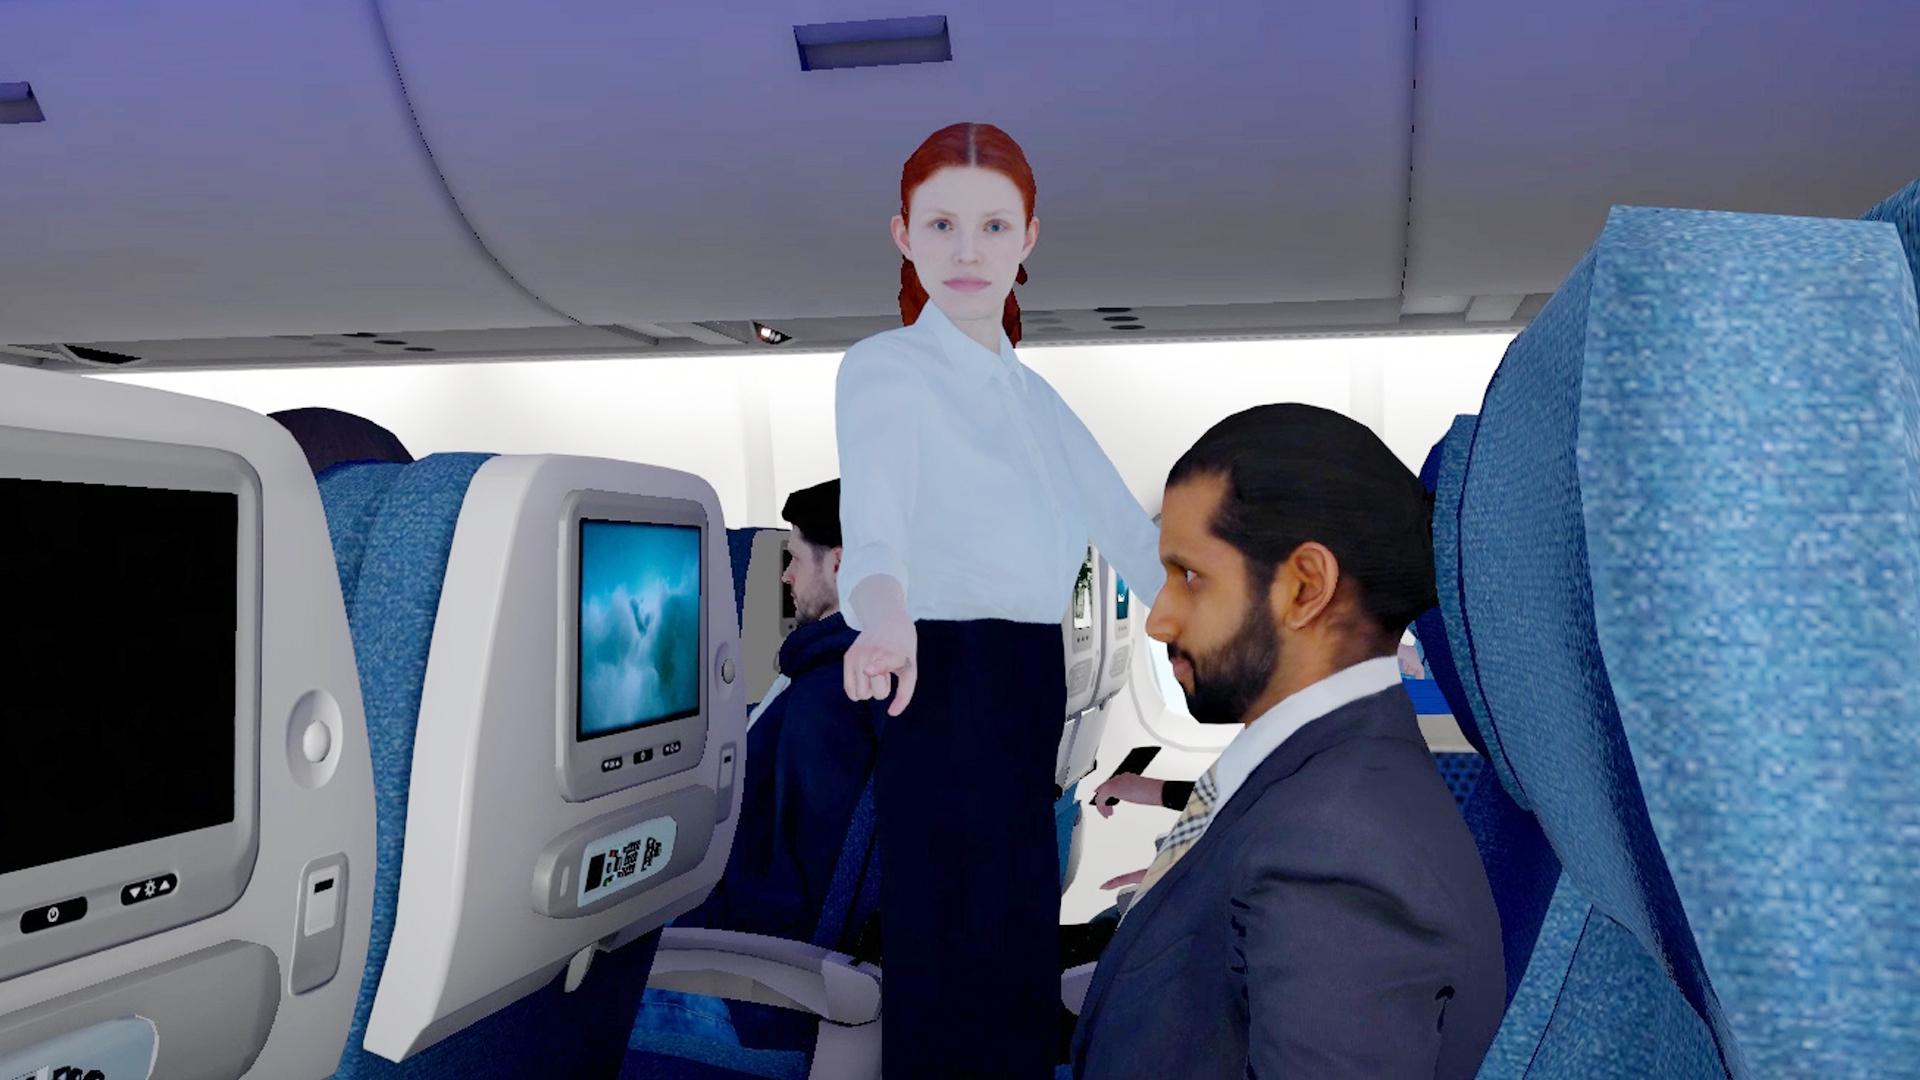 2020年最真实且最无聊的一款游戏《坐飞机模拟器》